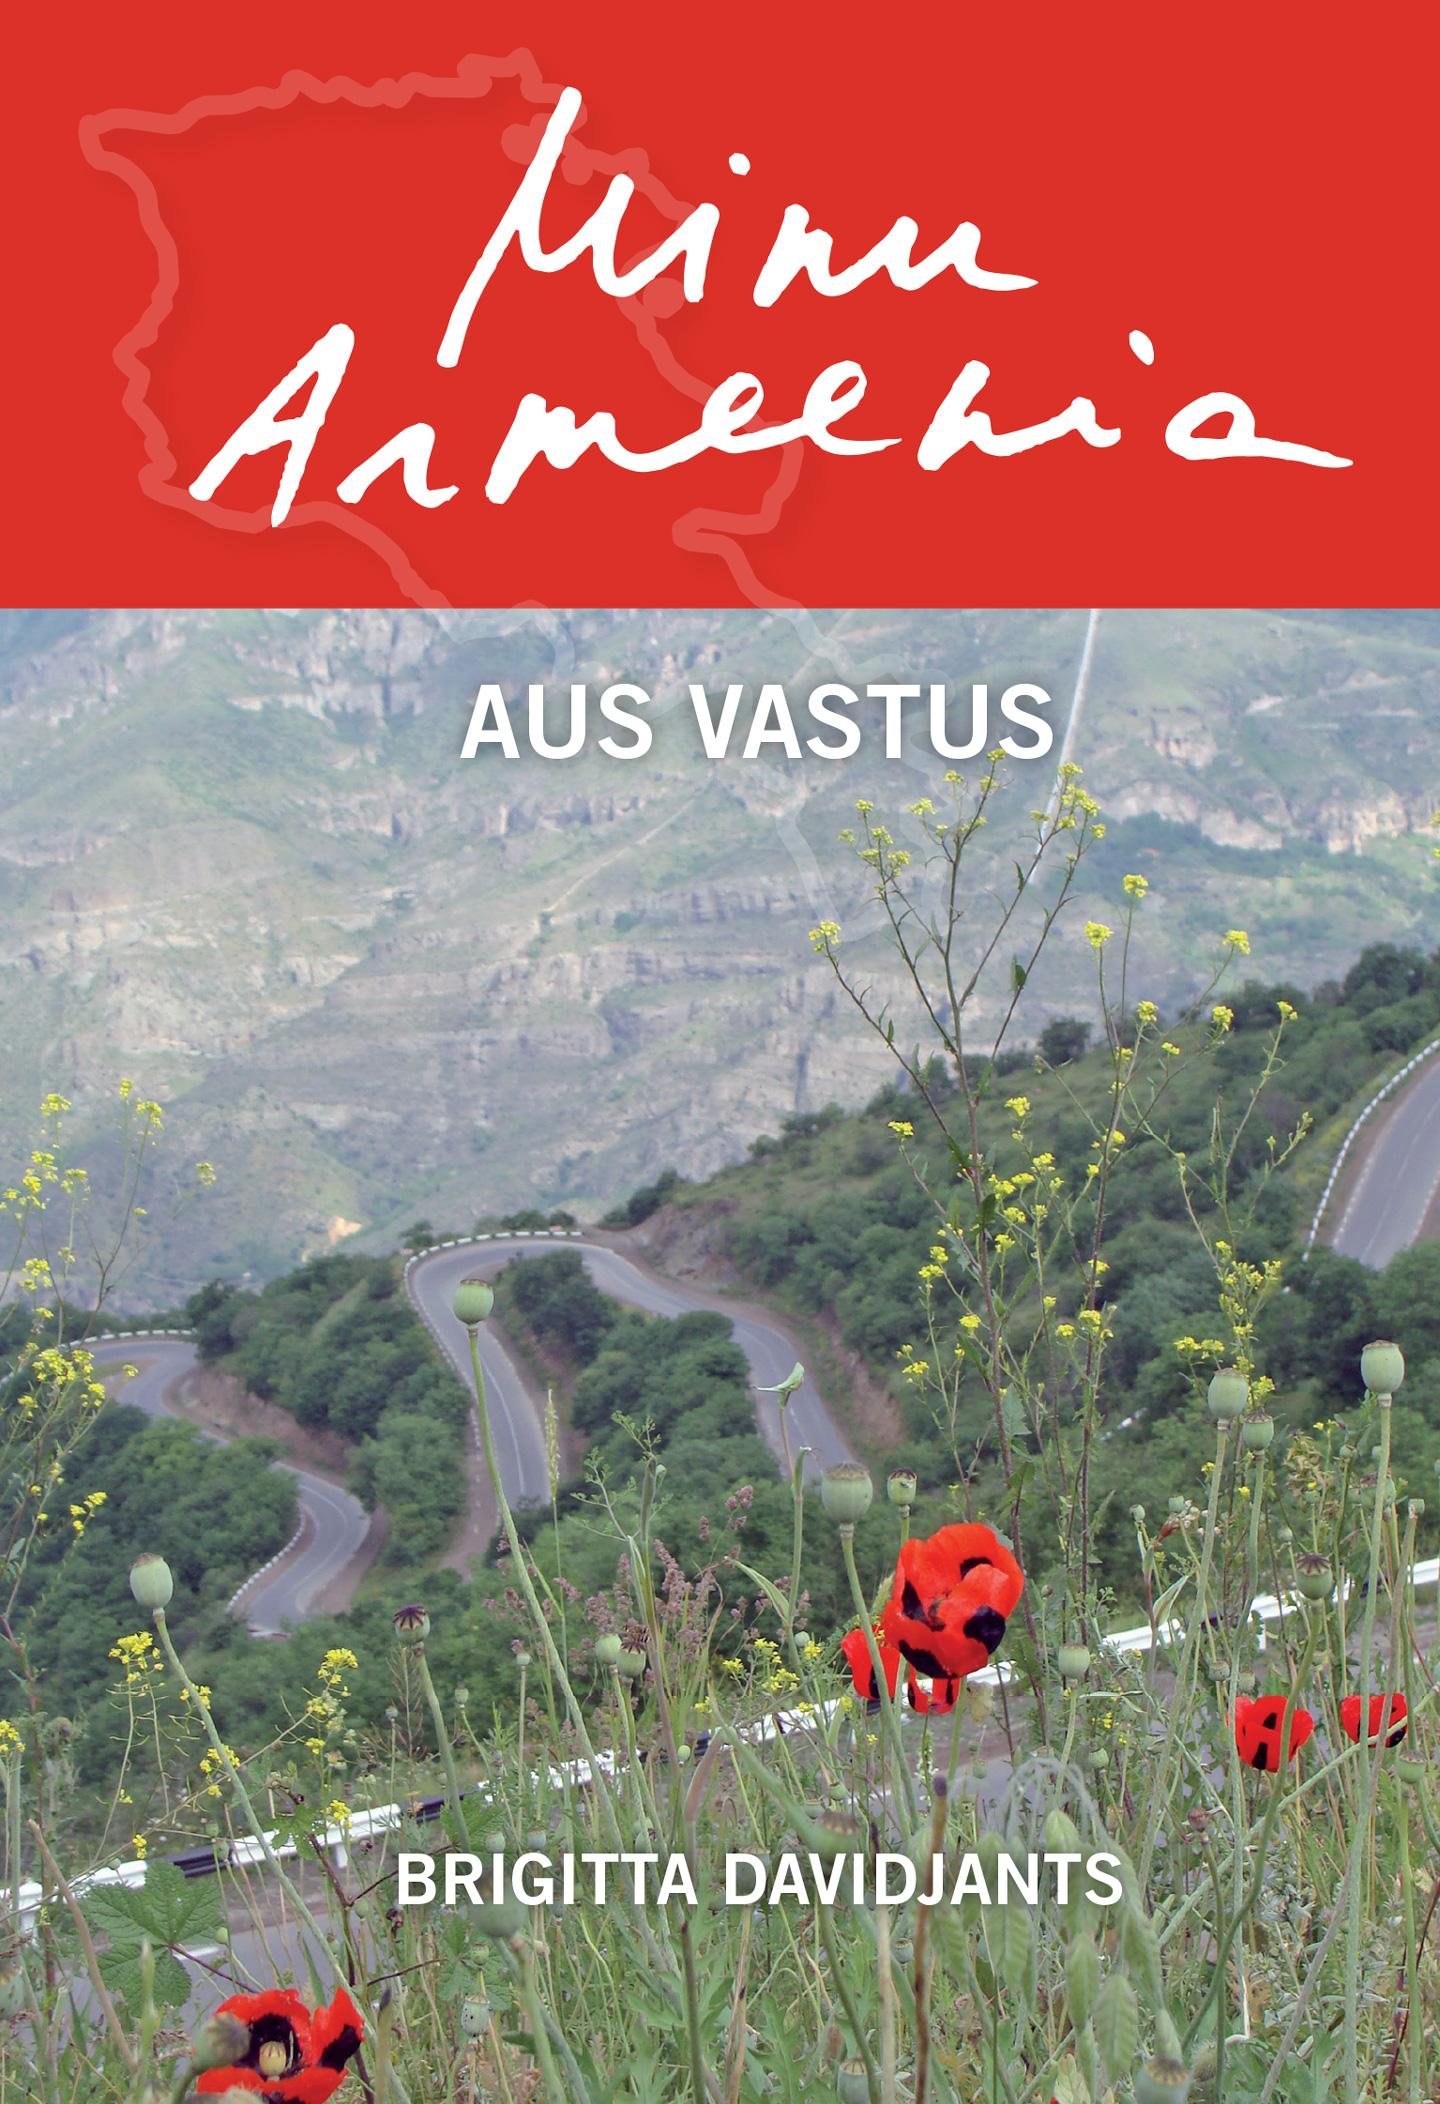 Brigitta Davidjants Minu Armeenia. Aus vastus kaisa masso minu portugal igatsedes kadunud aega